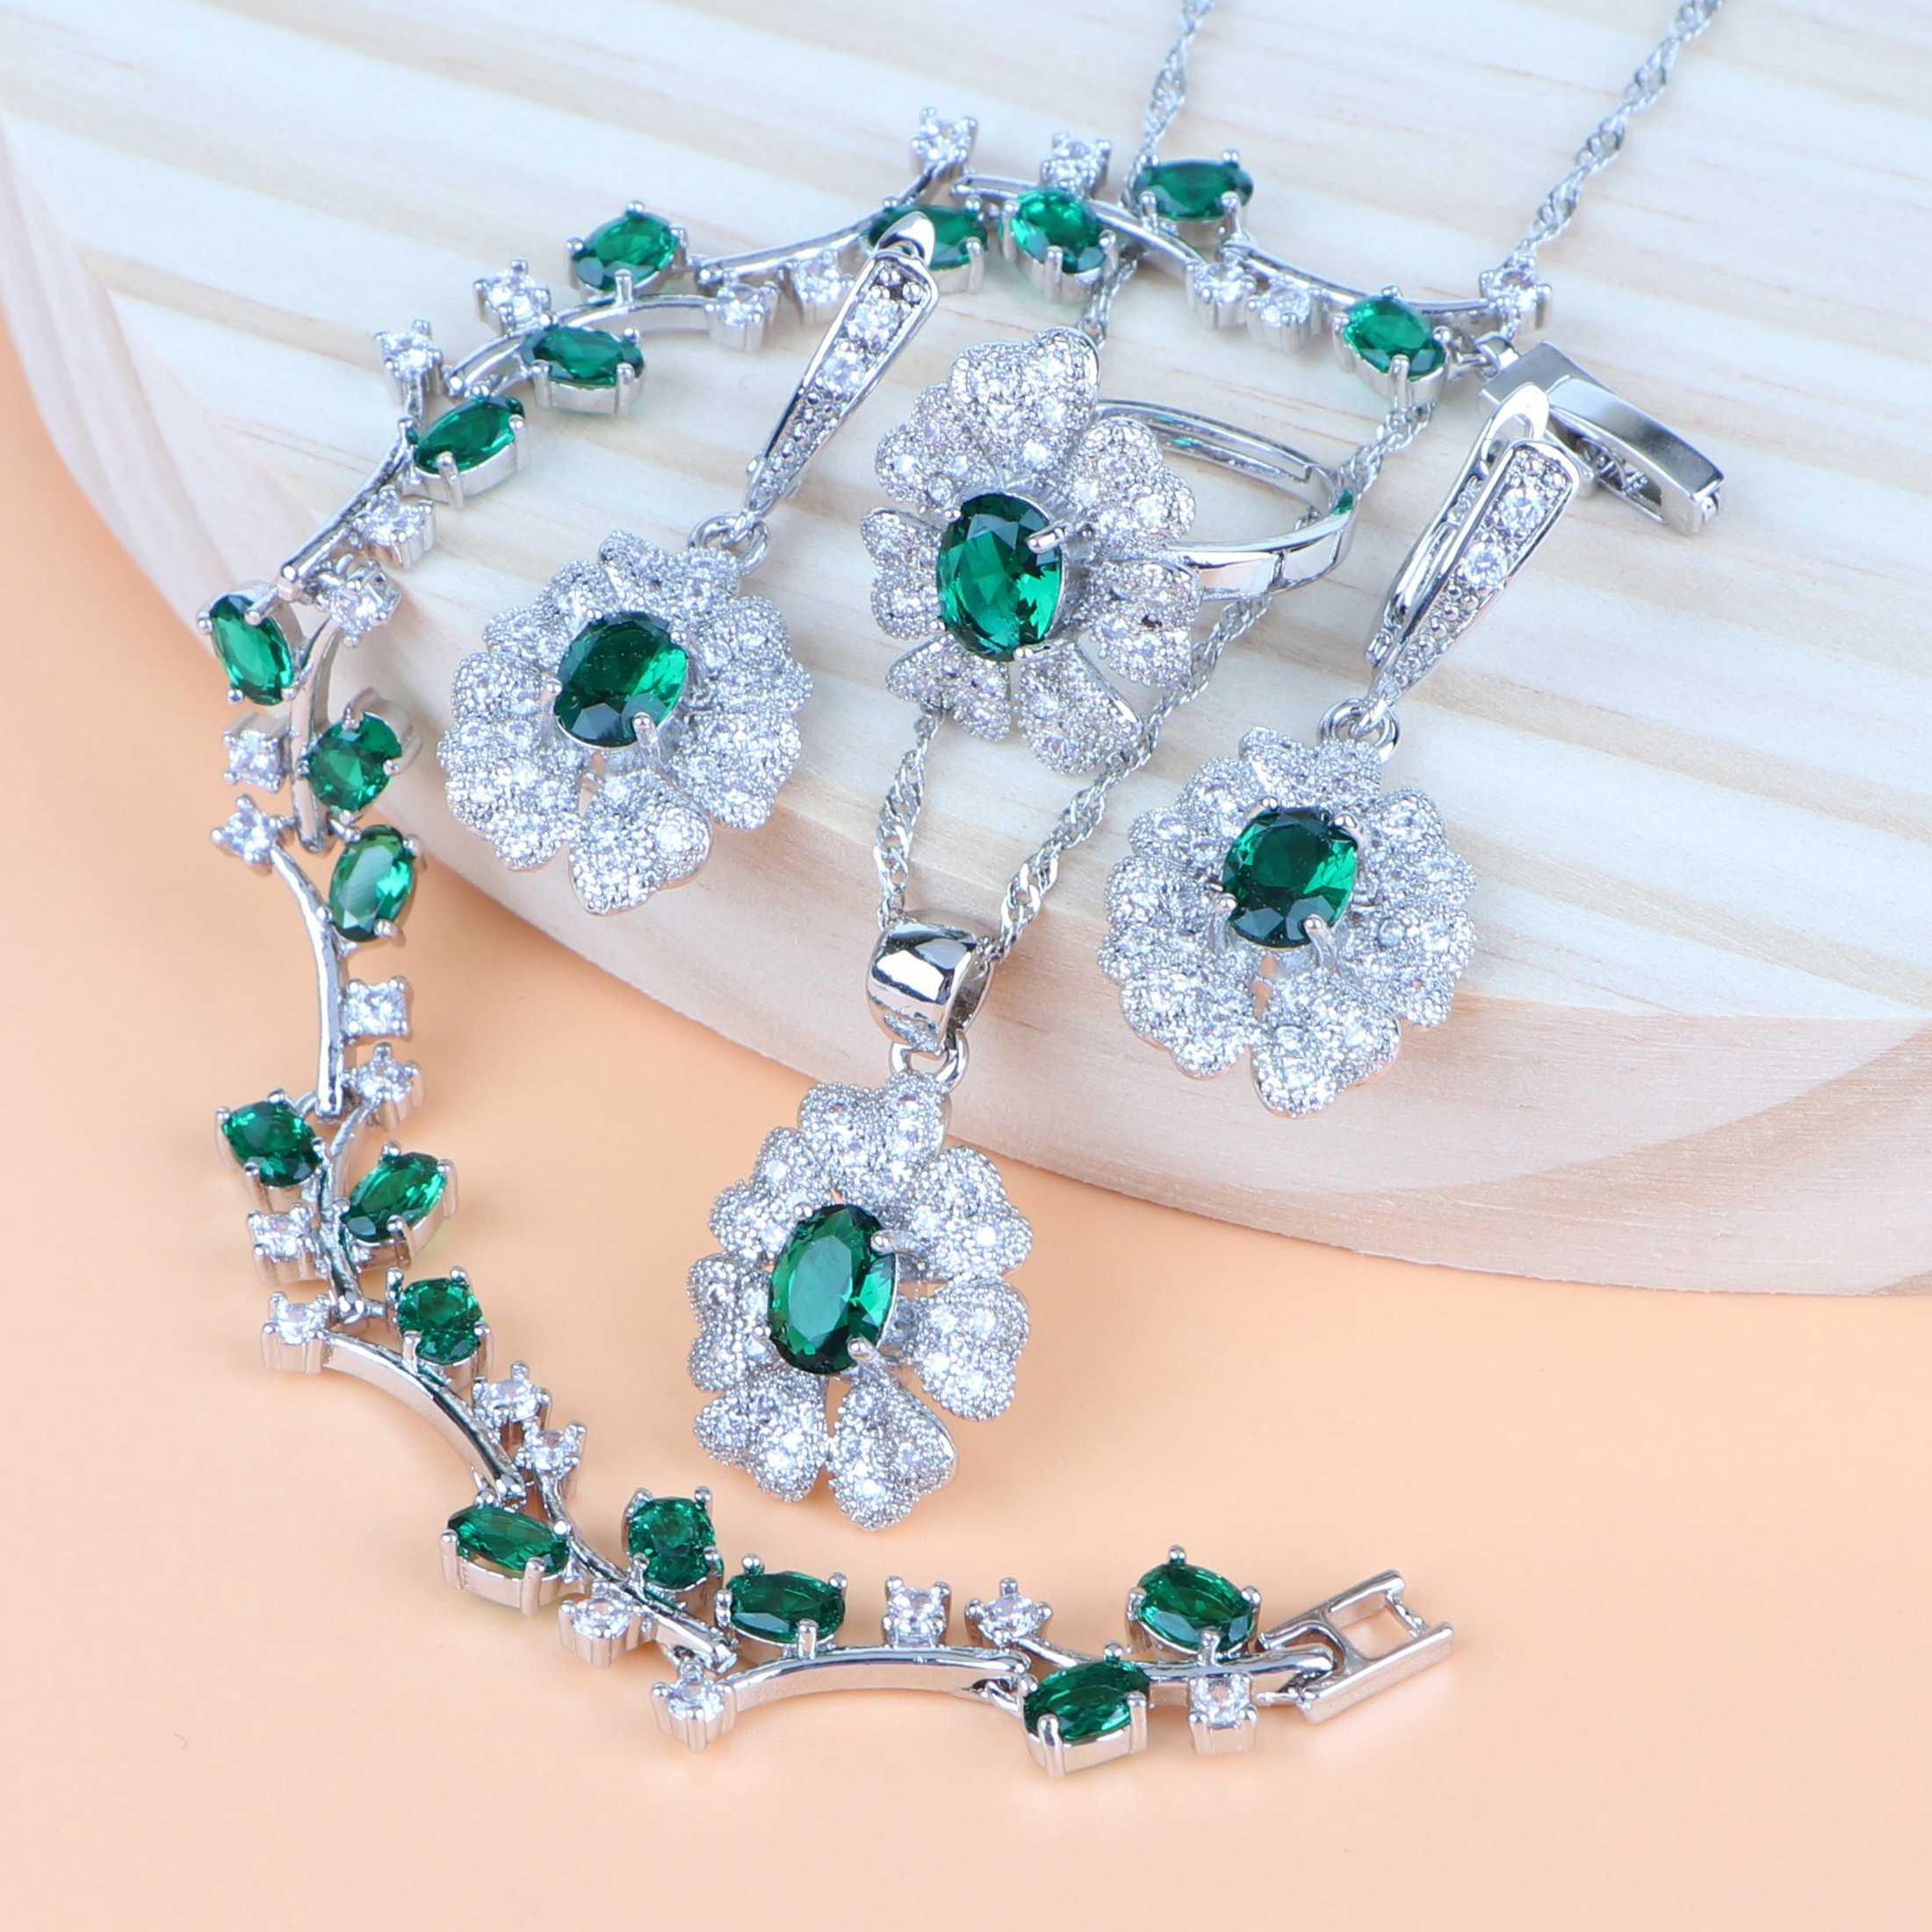 เงิน 925 เครื่องประดับชุดเจ้าสาวงานแต่งงานสีเขียว Cubic Zirconia ชุดเครื่องประดับสร้อยข้อมือแหวนต่างหูชุดสร้อยคอจี้